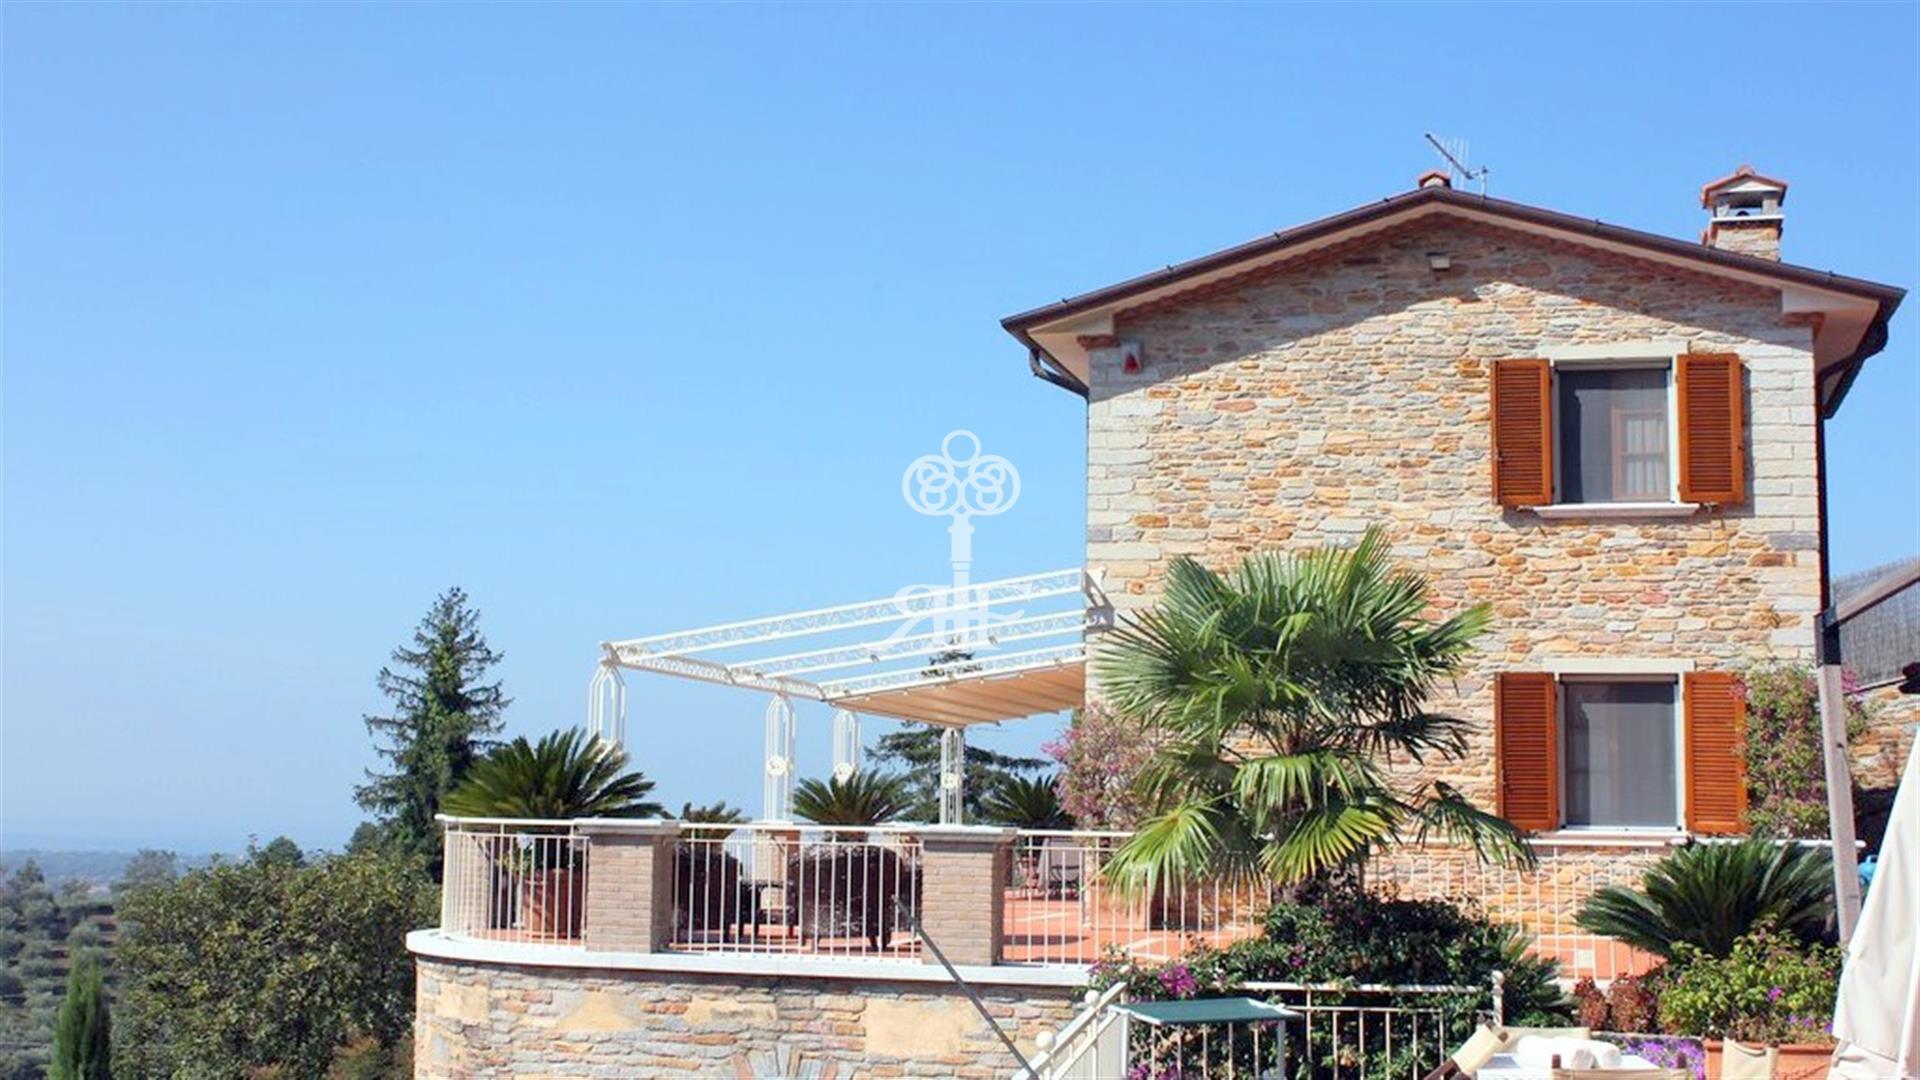 Affitto Villa In Collina P159 Pietrasanta